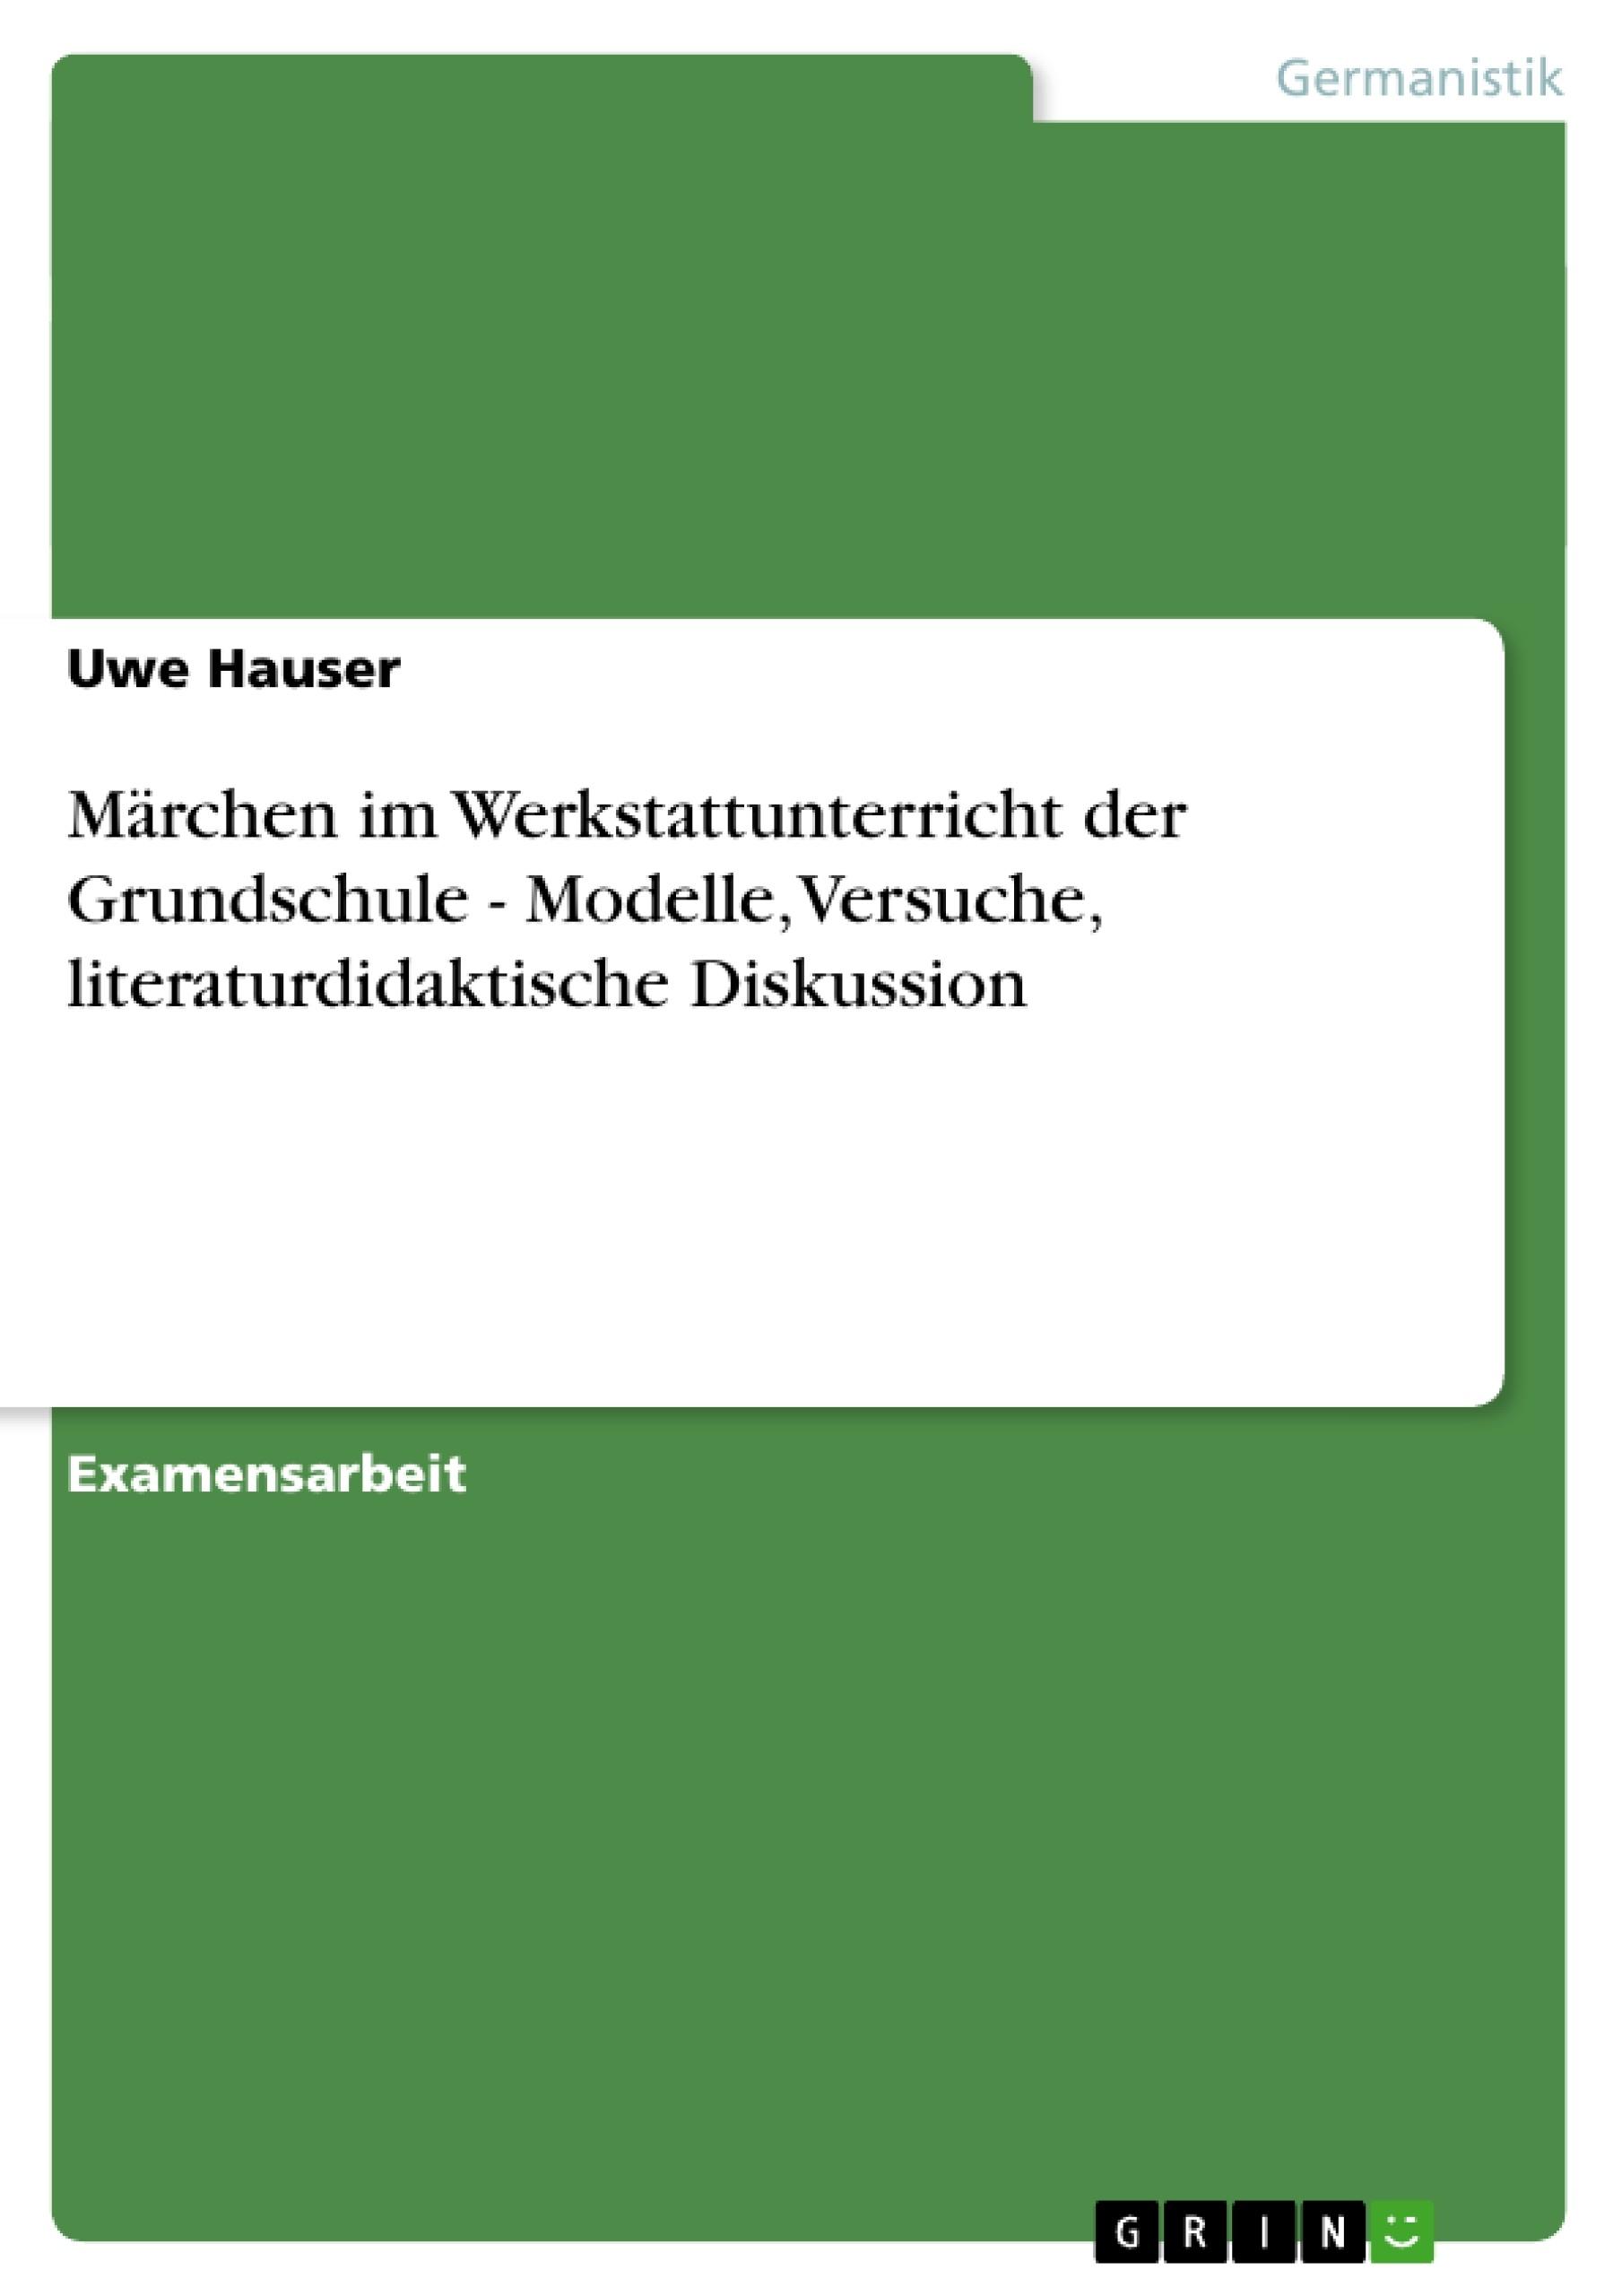 Titel: Märchen im Werkstattunterricht der Grundschule - Modelle, Versuche, literaturdidaktische Diskussion